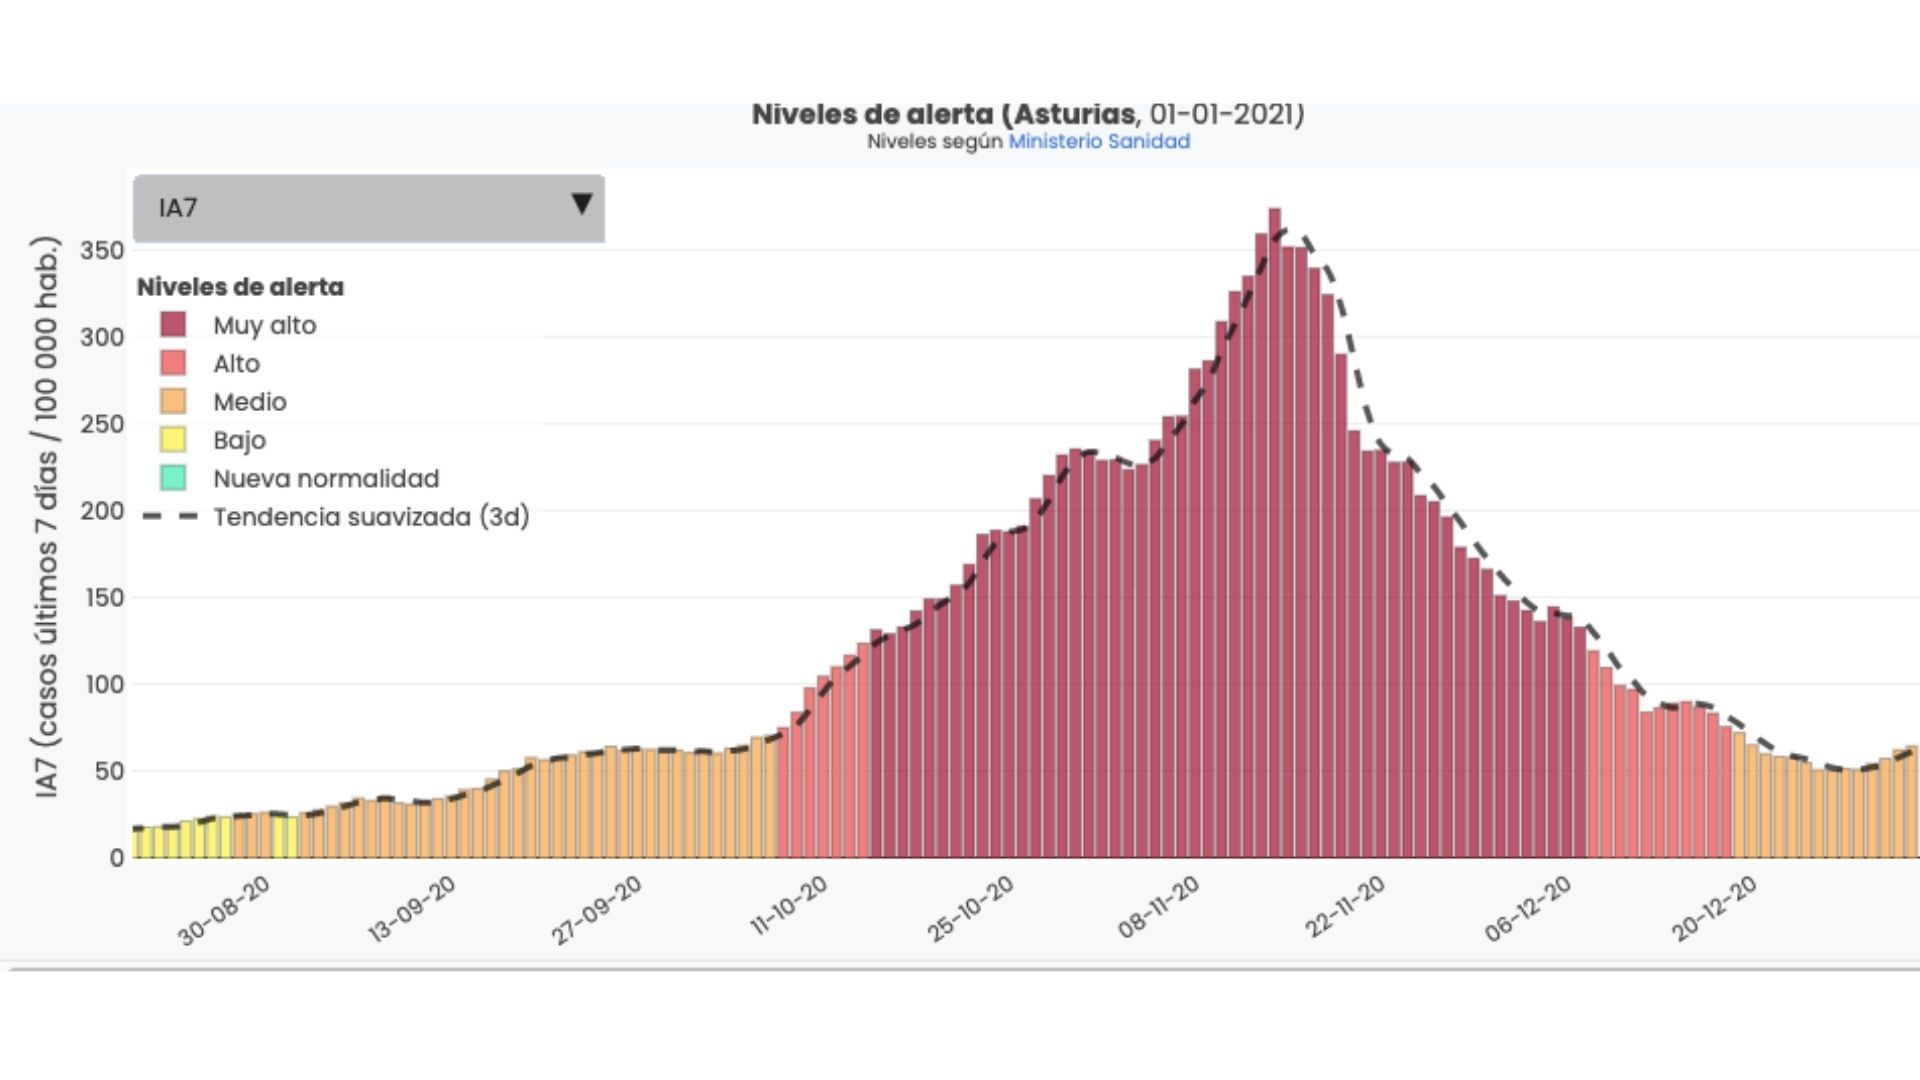 Gráfica de la tasa de incidencia acumulada de coronavirus a siete días en Asturias desde finales de agosto hasta el 1 de enero